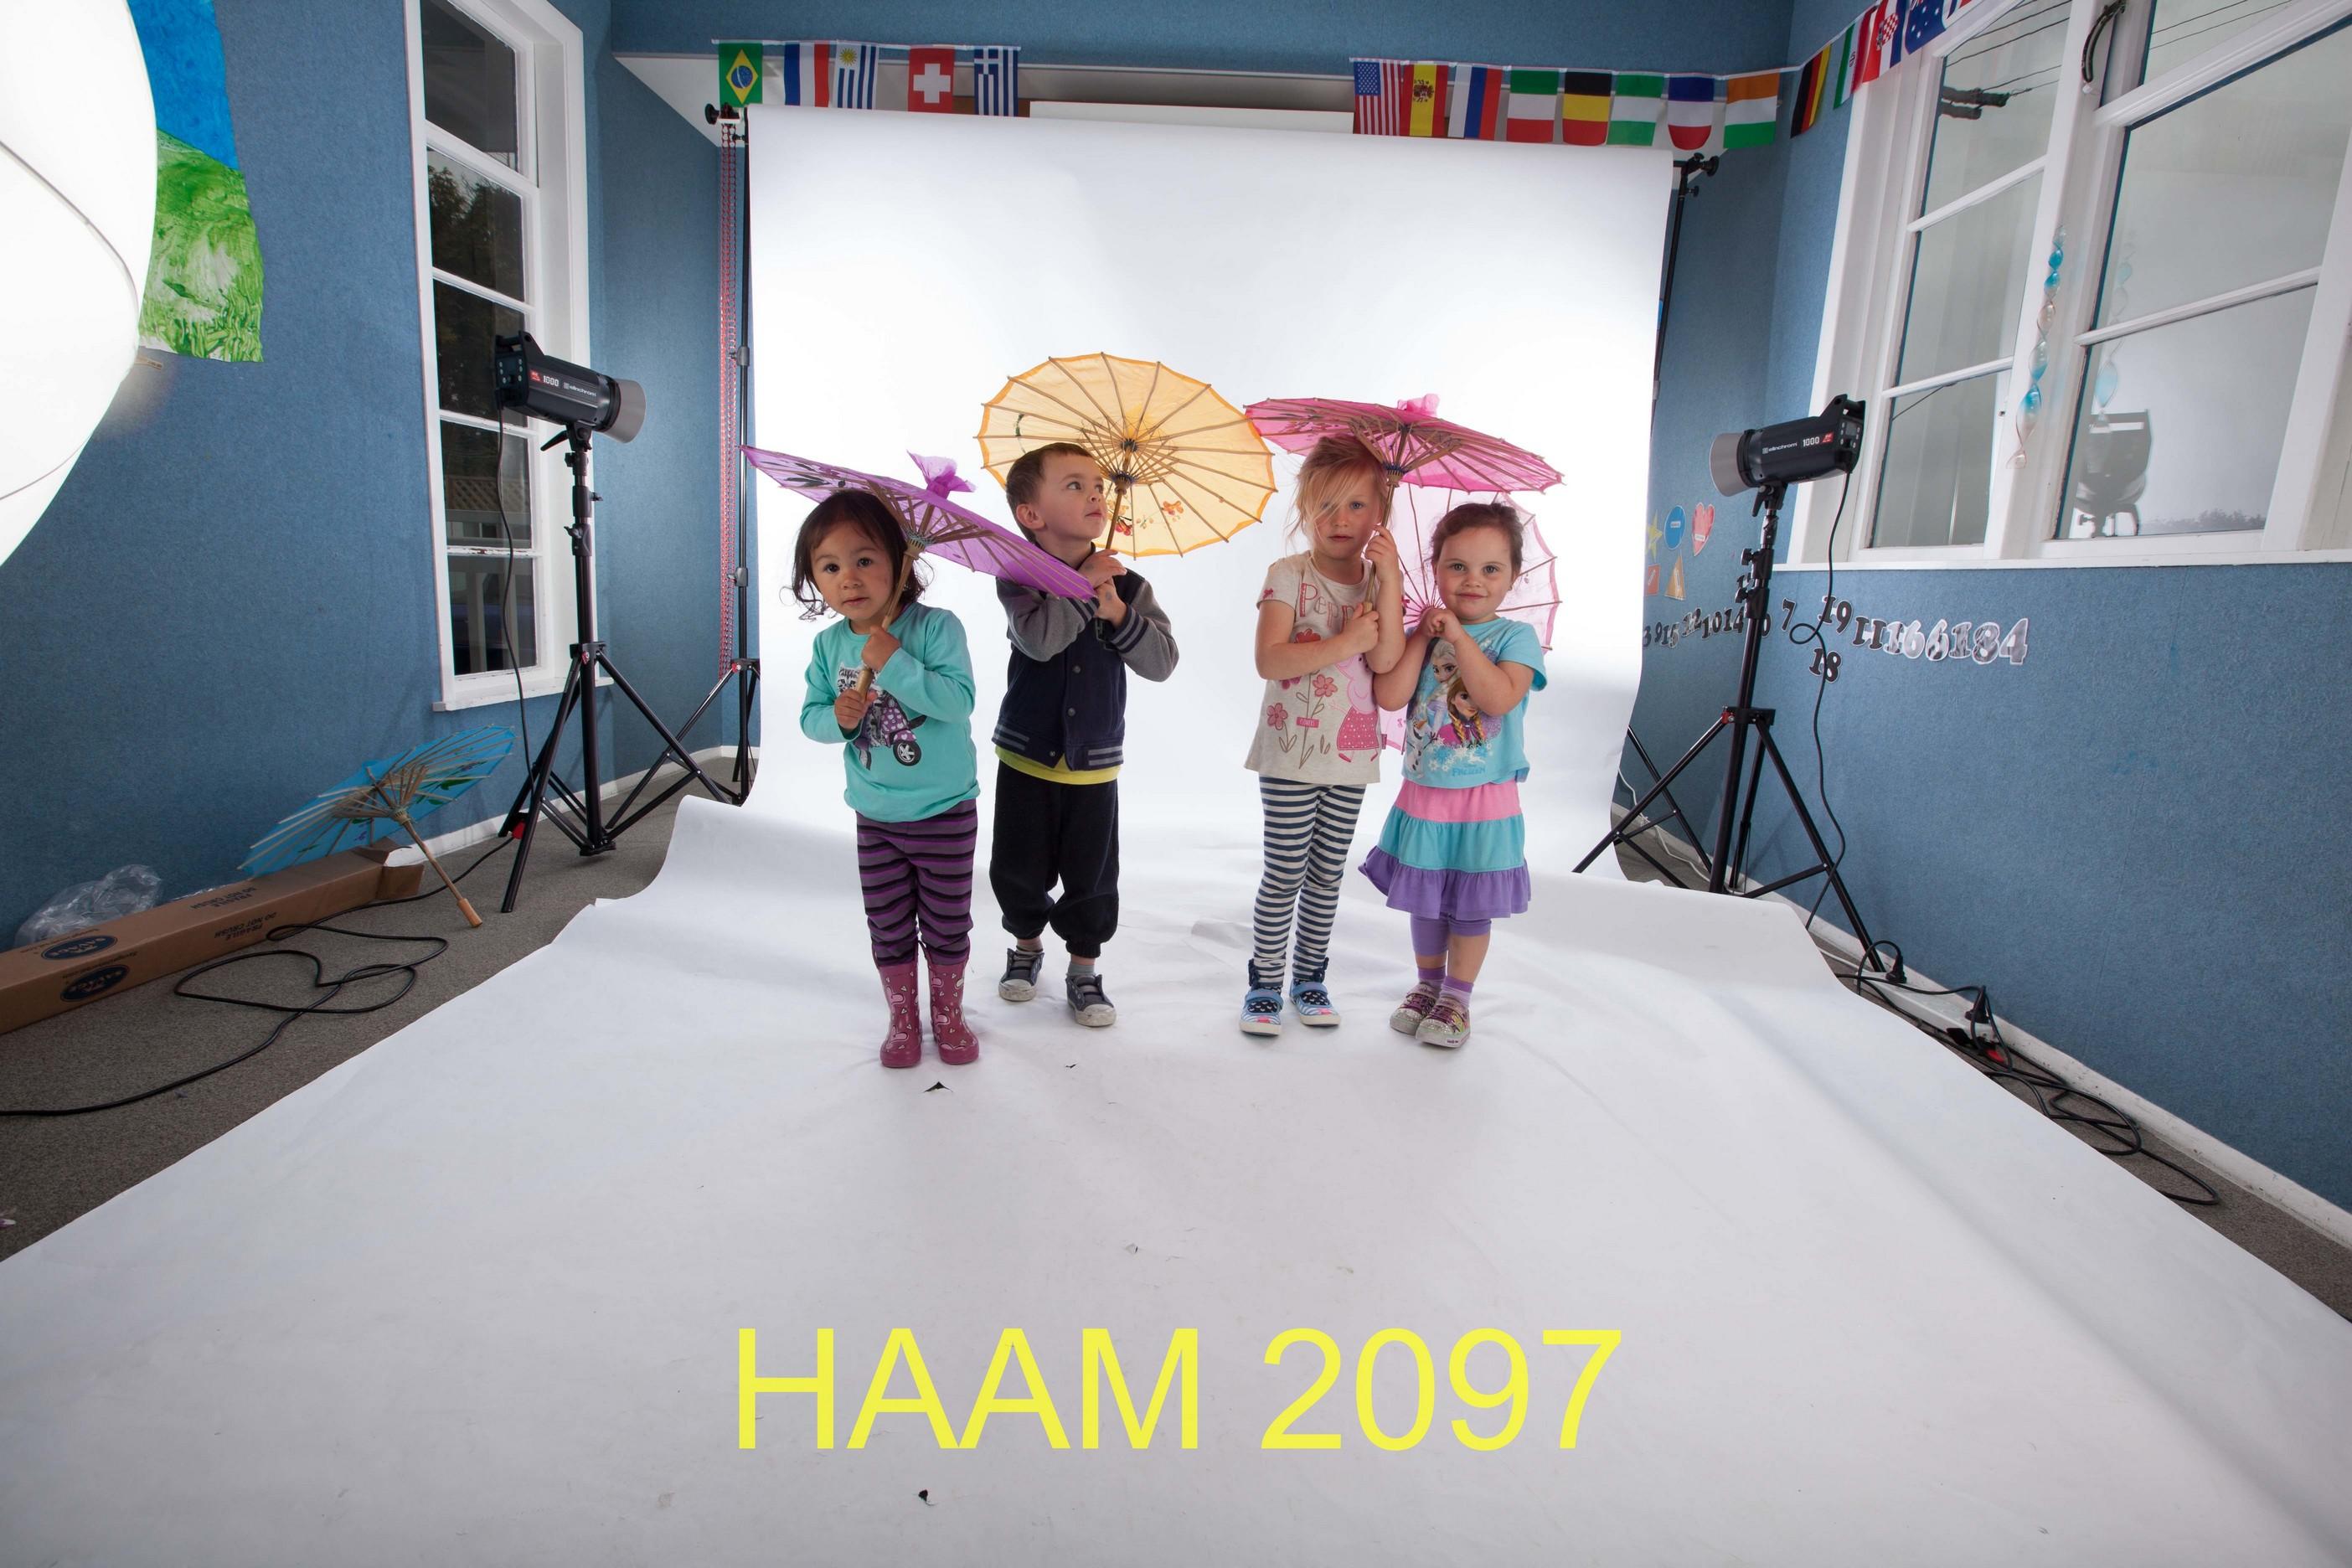 HAAM 2097